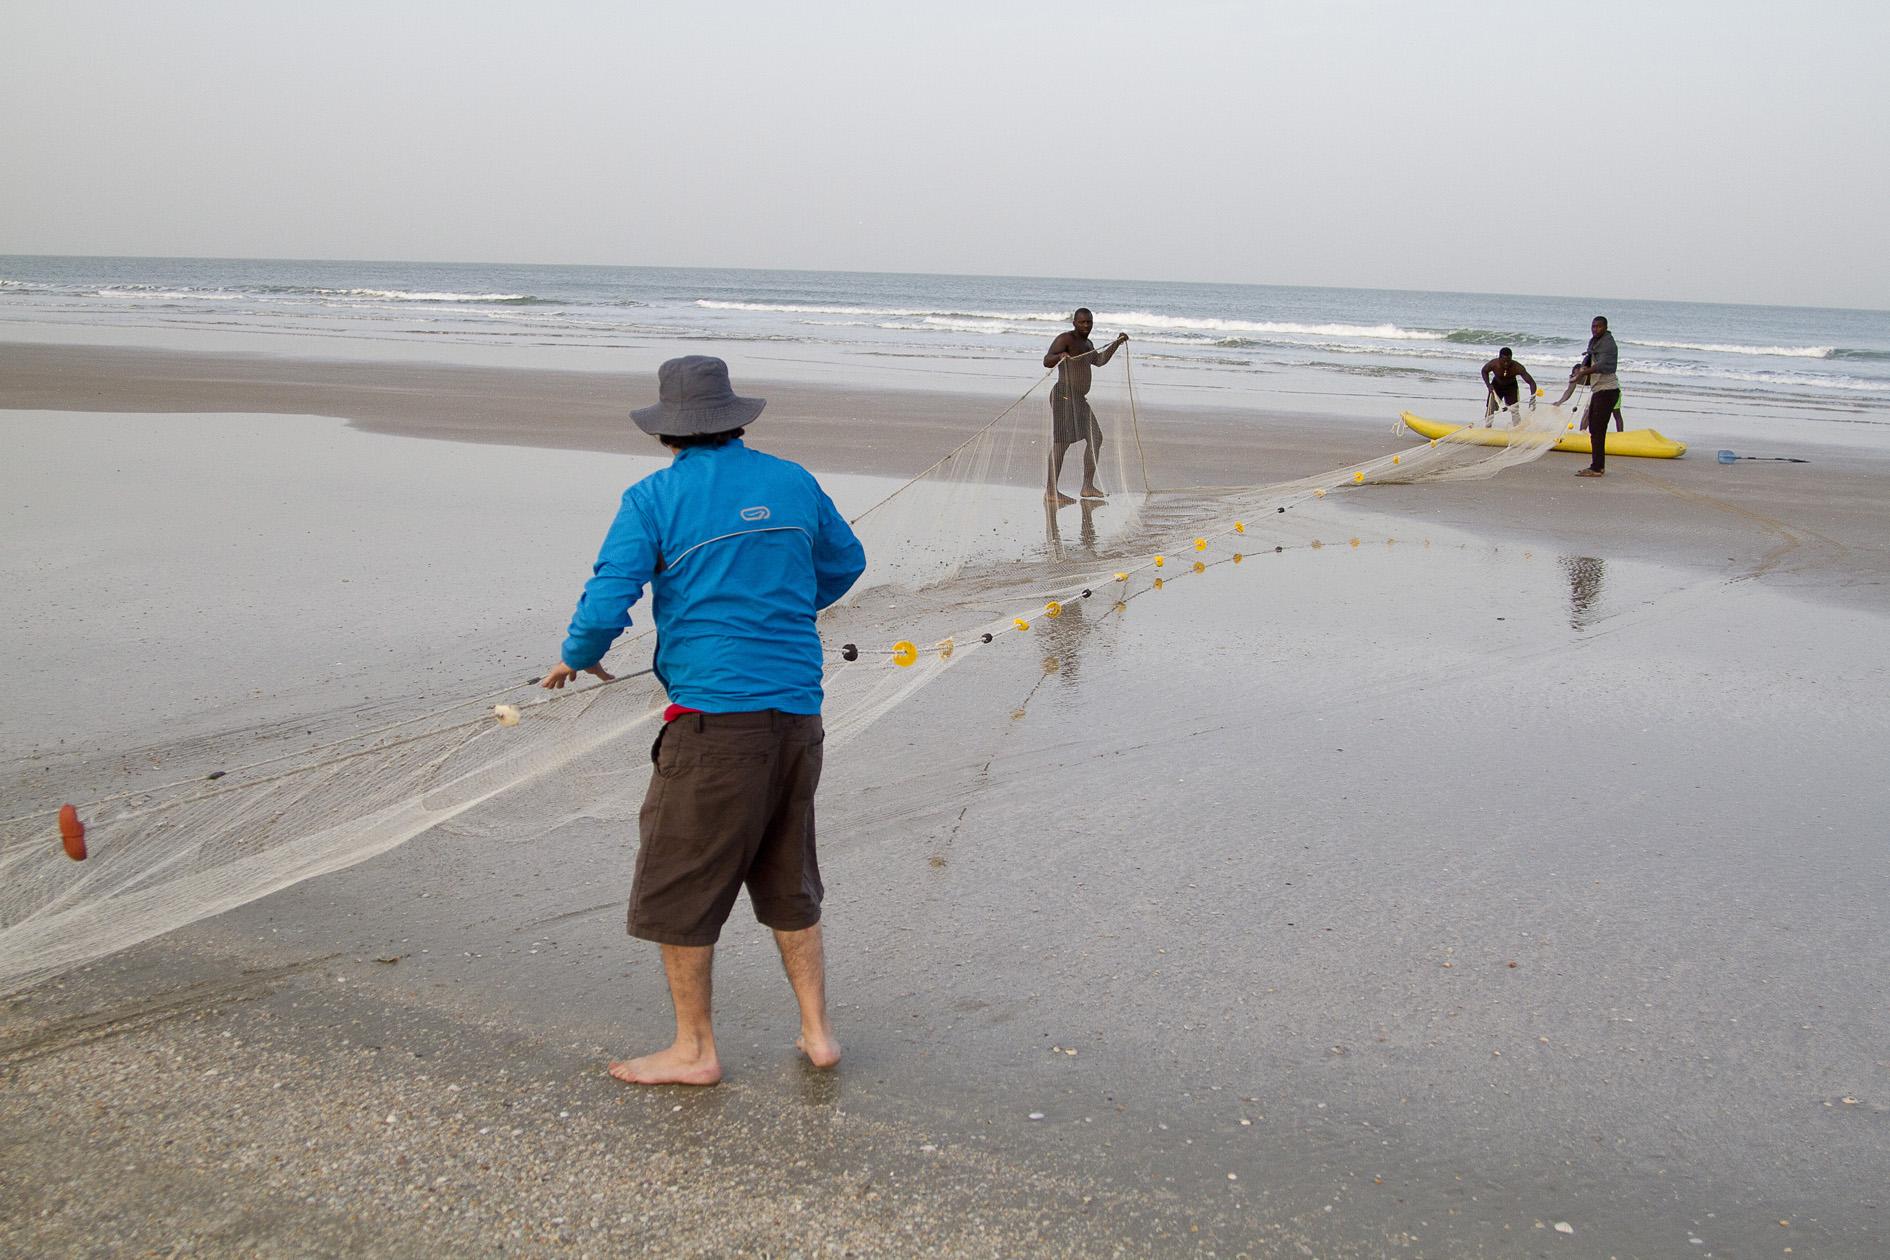 actividades extras del paquete escuela de surf en Senegal